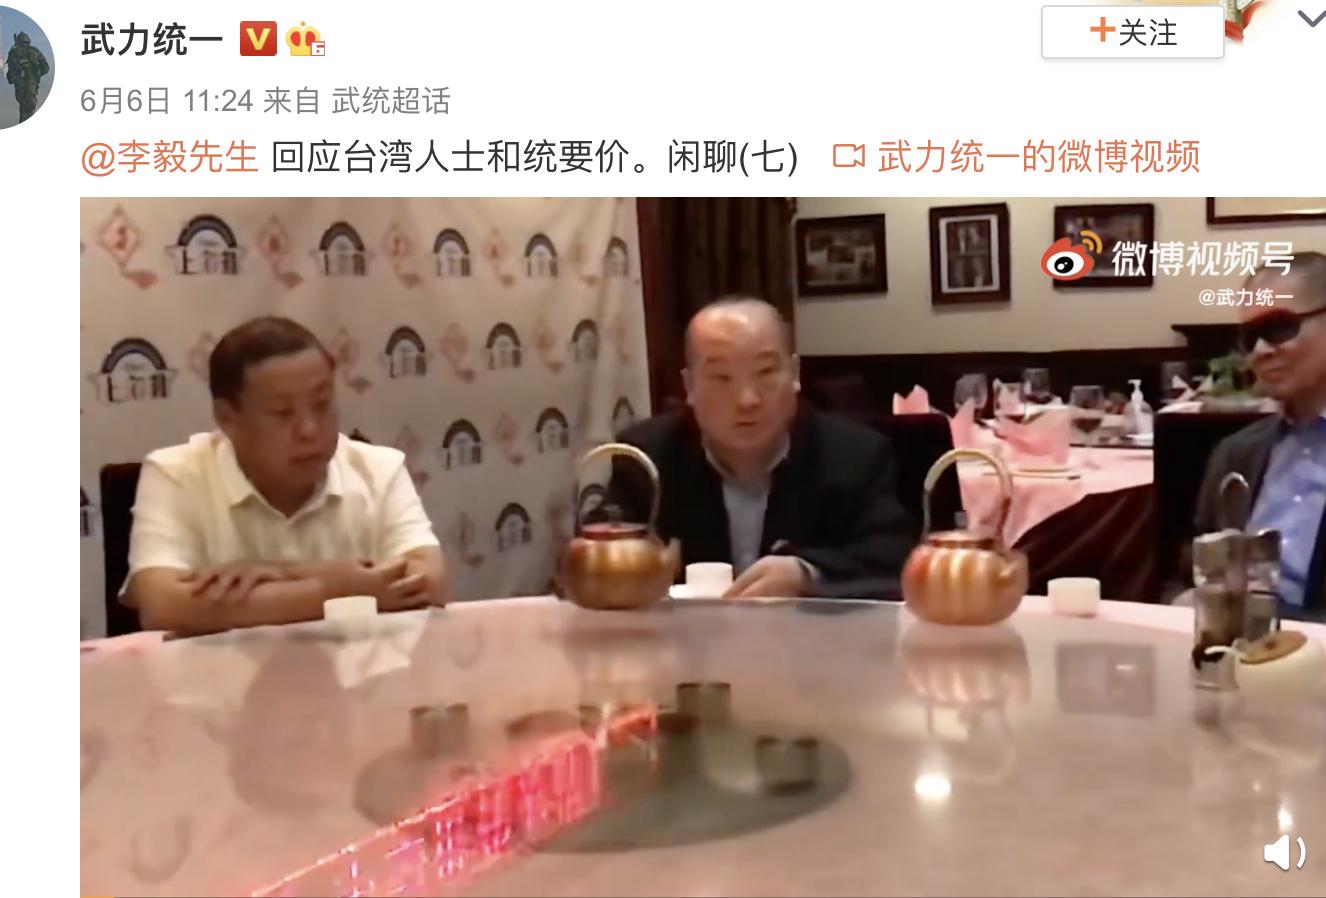 中共武統派「學者」李毅(圖中)近日再出狂言,聲稱即使「打爛台灣」也沒甚麼,只需從大陸移民過去即可。(網頁截圖)